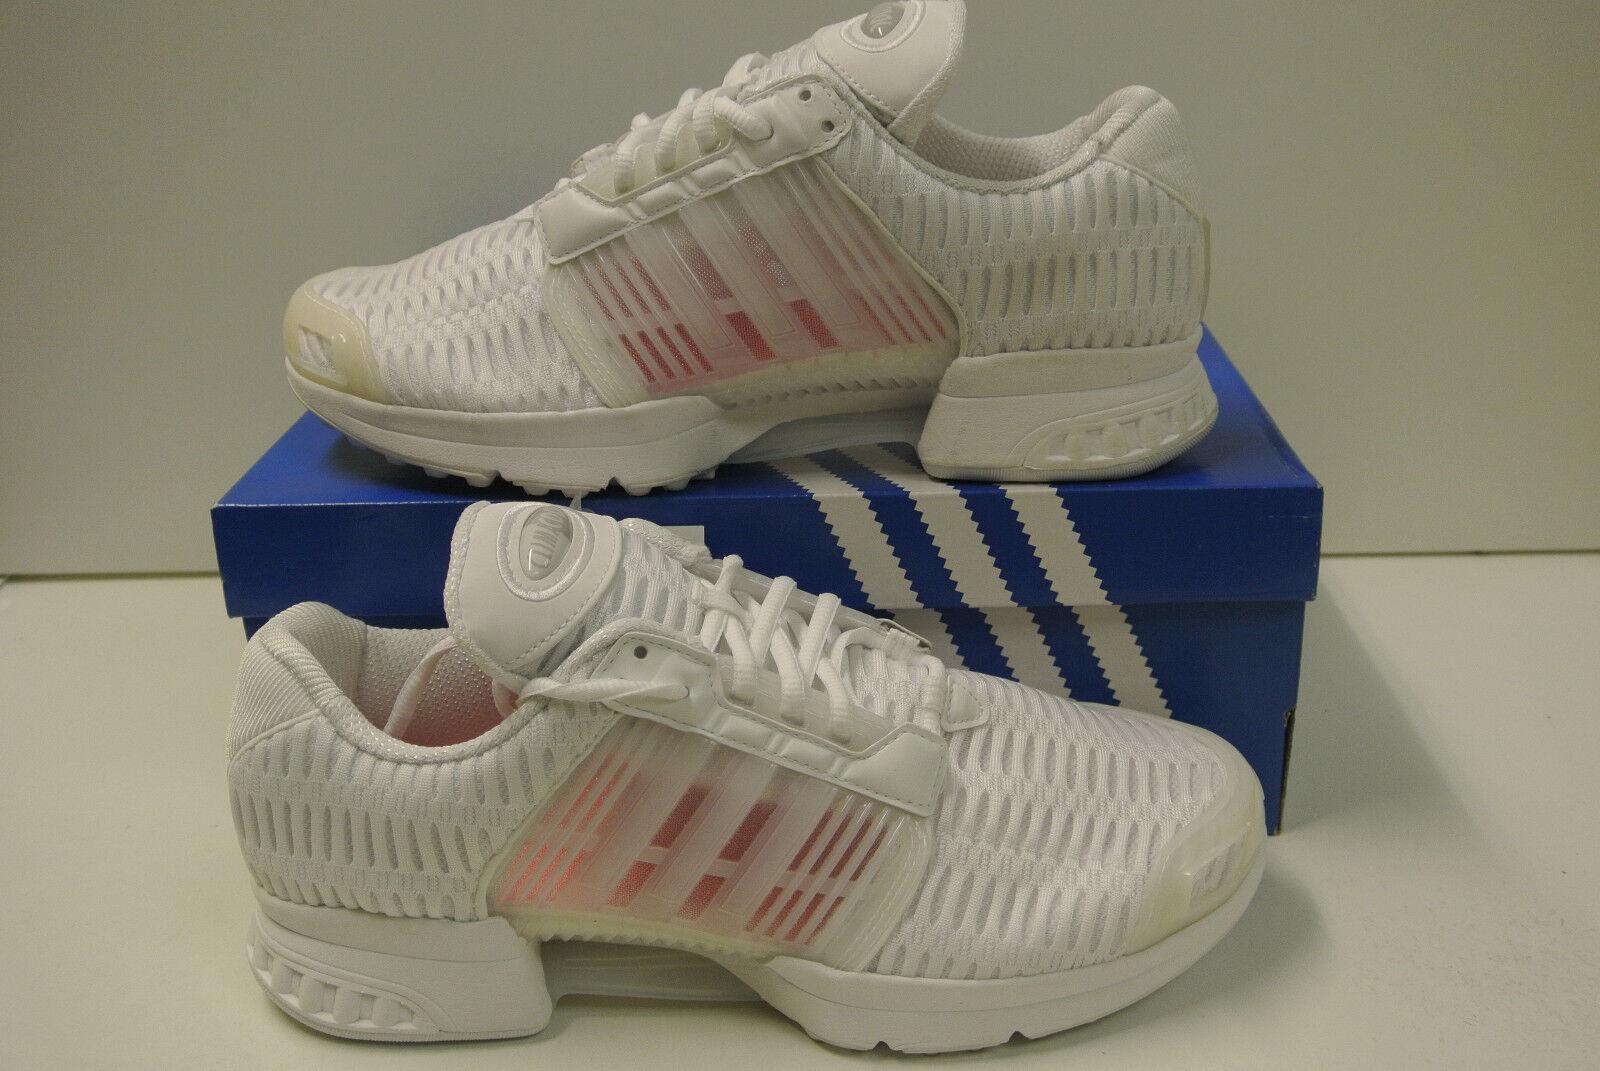 Adidas - coole 1 größe wählbare - packung s75927 ur